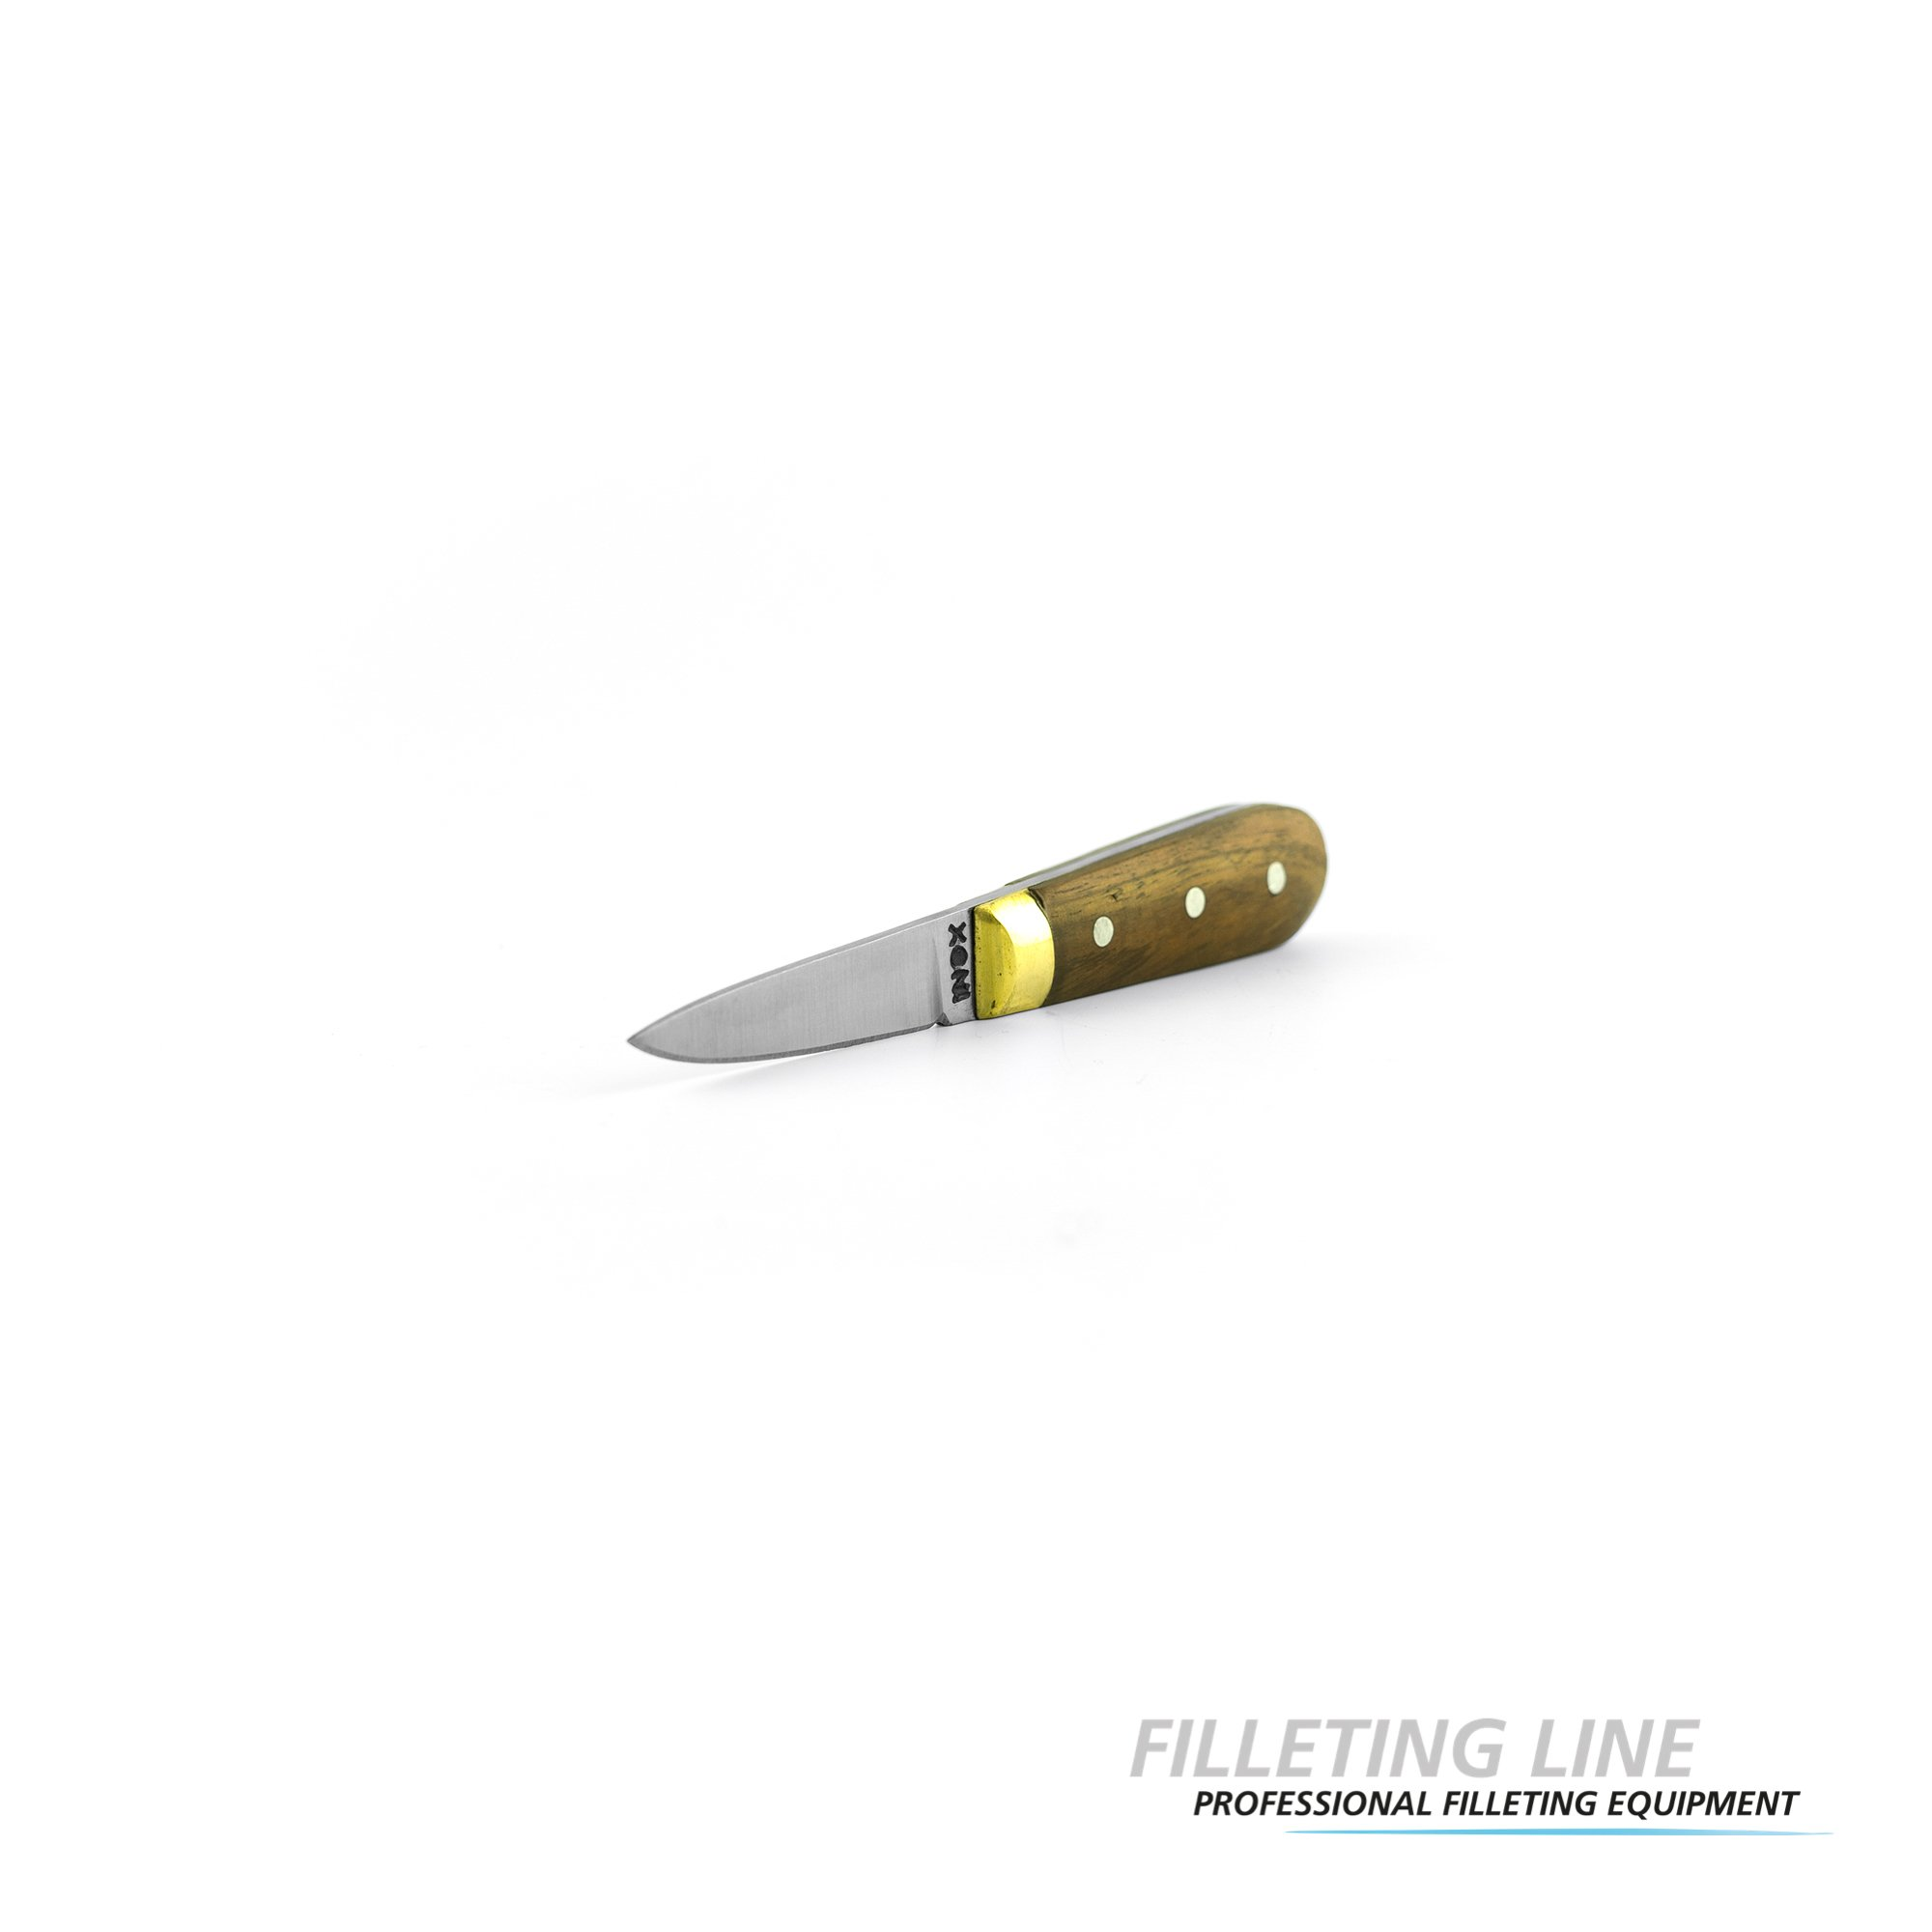 FILLETING LINE_2000x2000_45_logo_-8